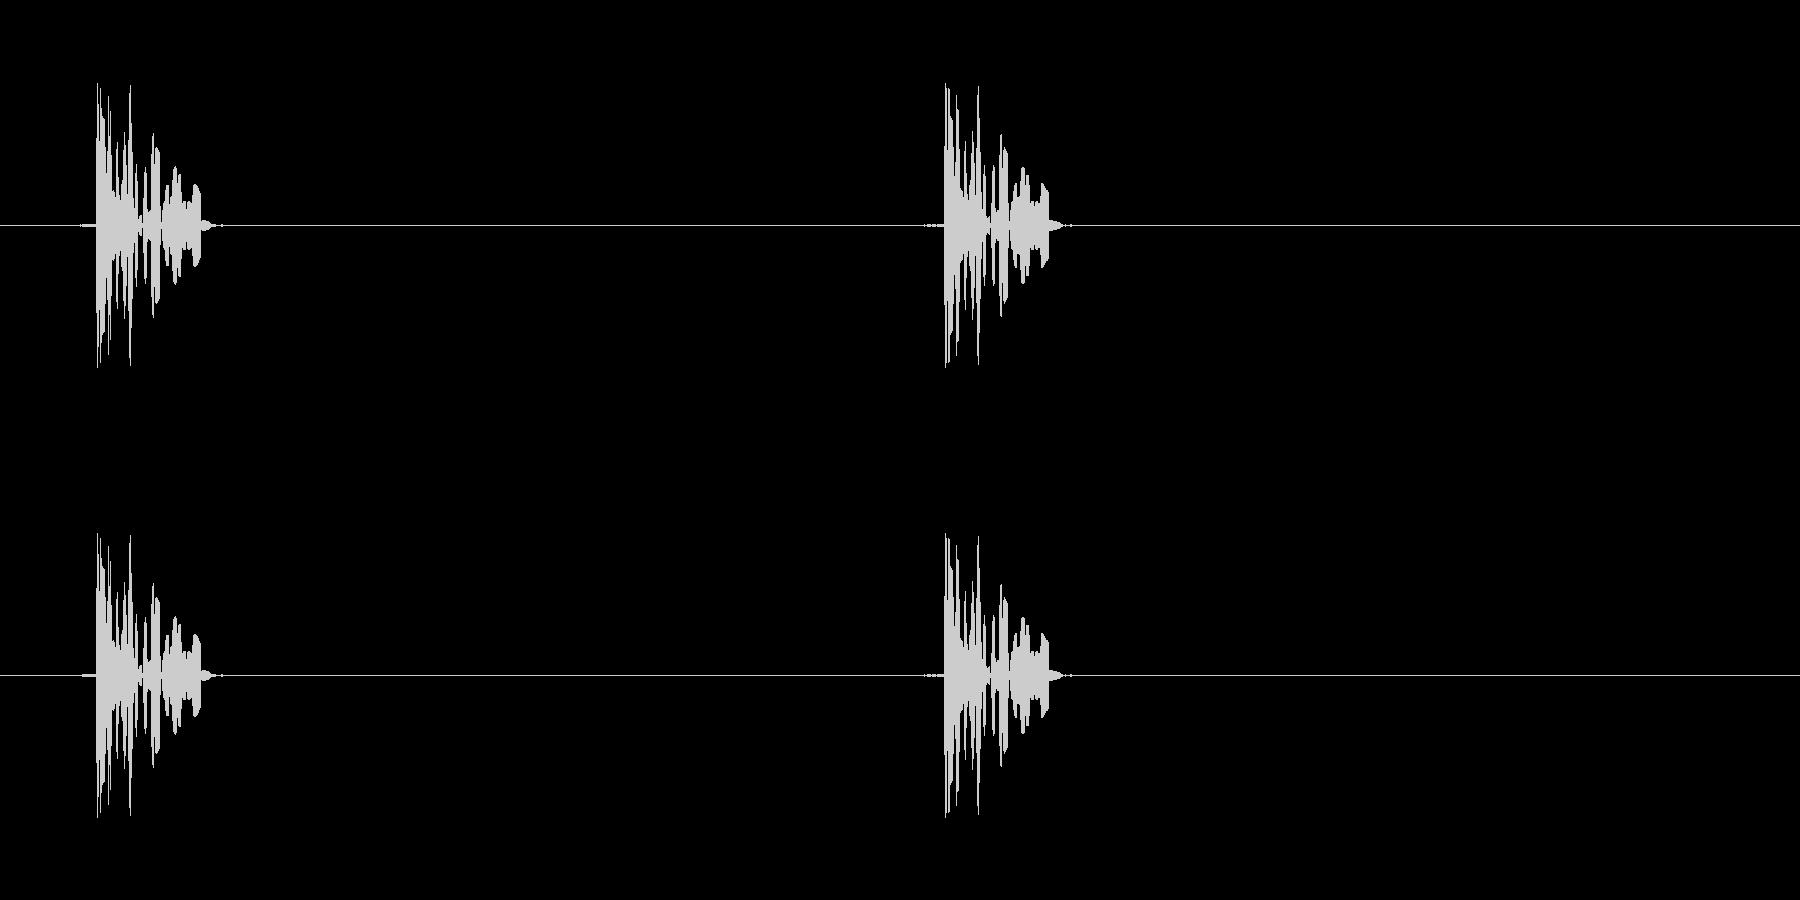 ファミコン系歩く音01 ループの未再生の波形